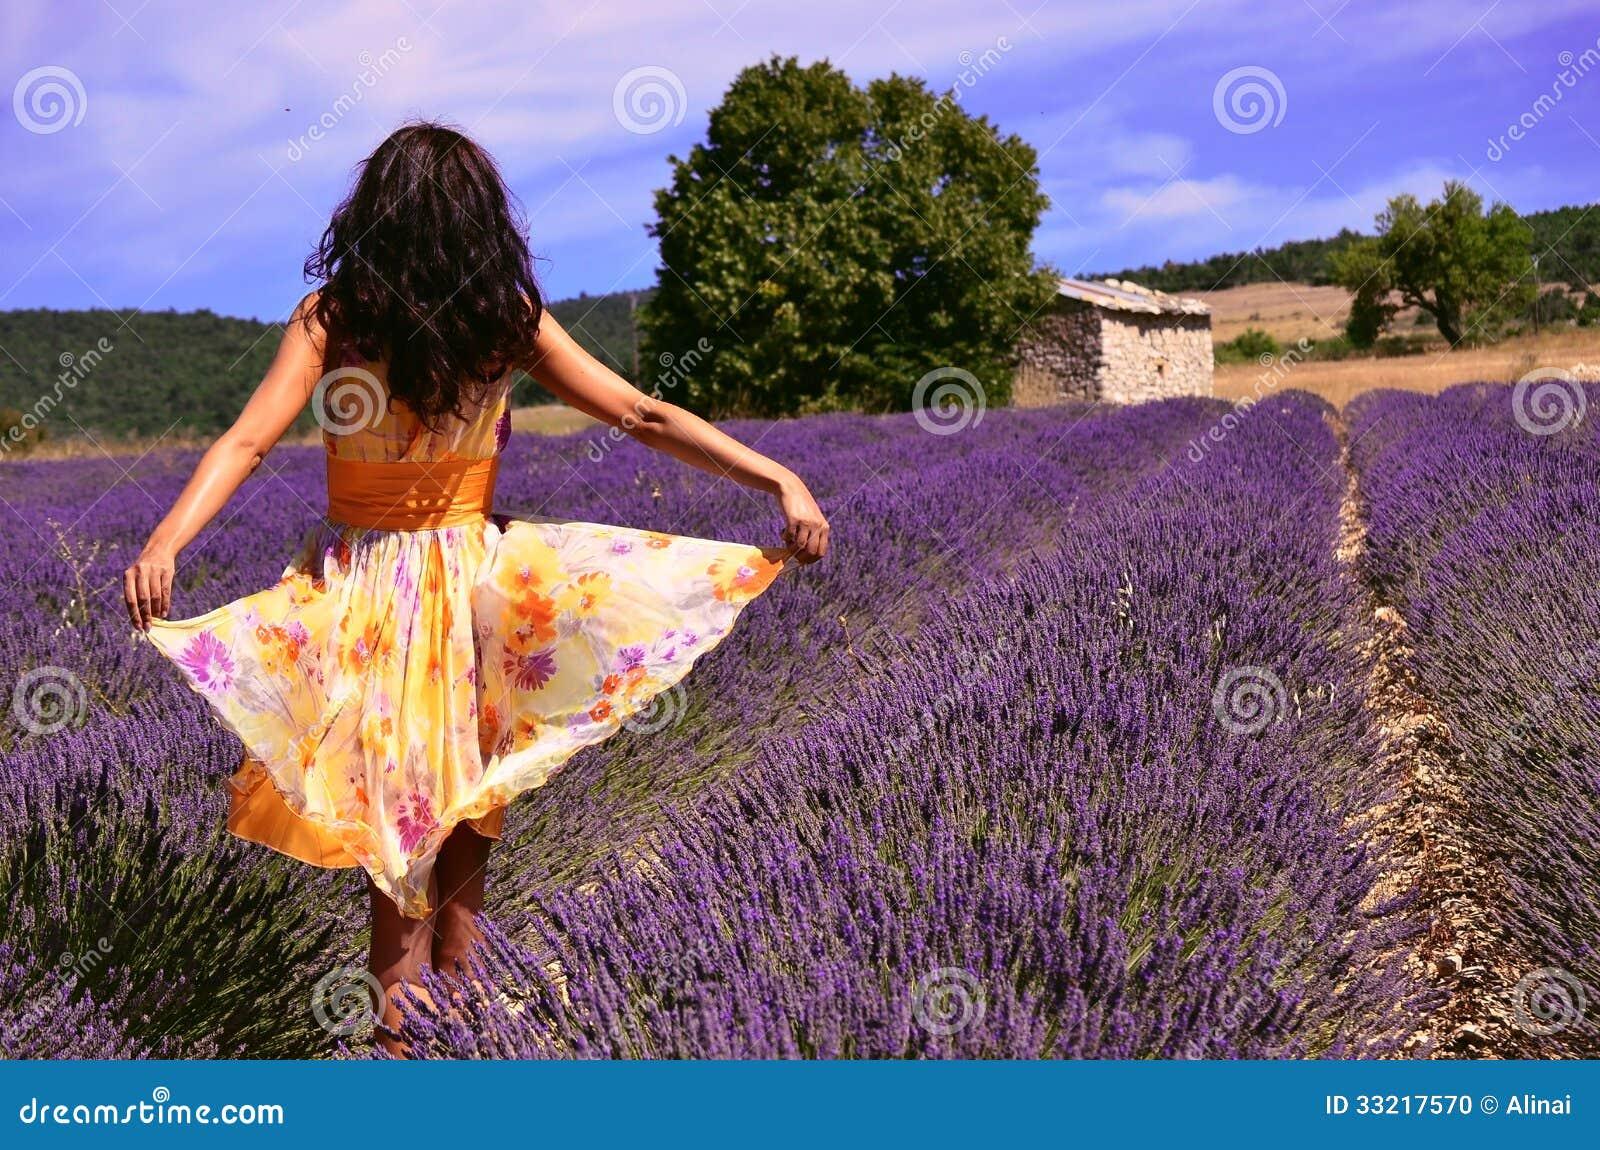 Woman wearing a floating dress in a lavender field